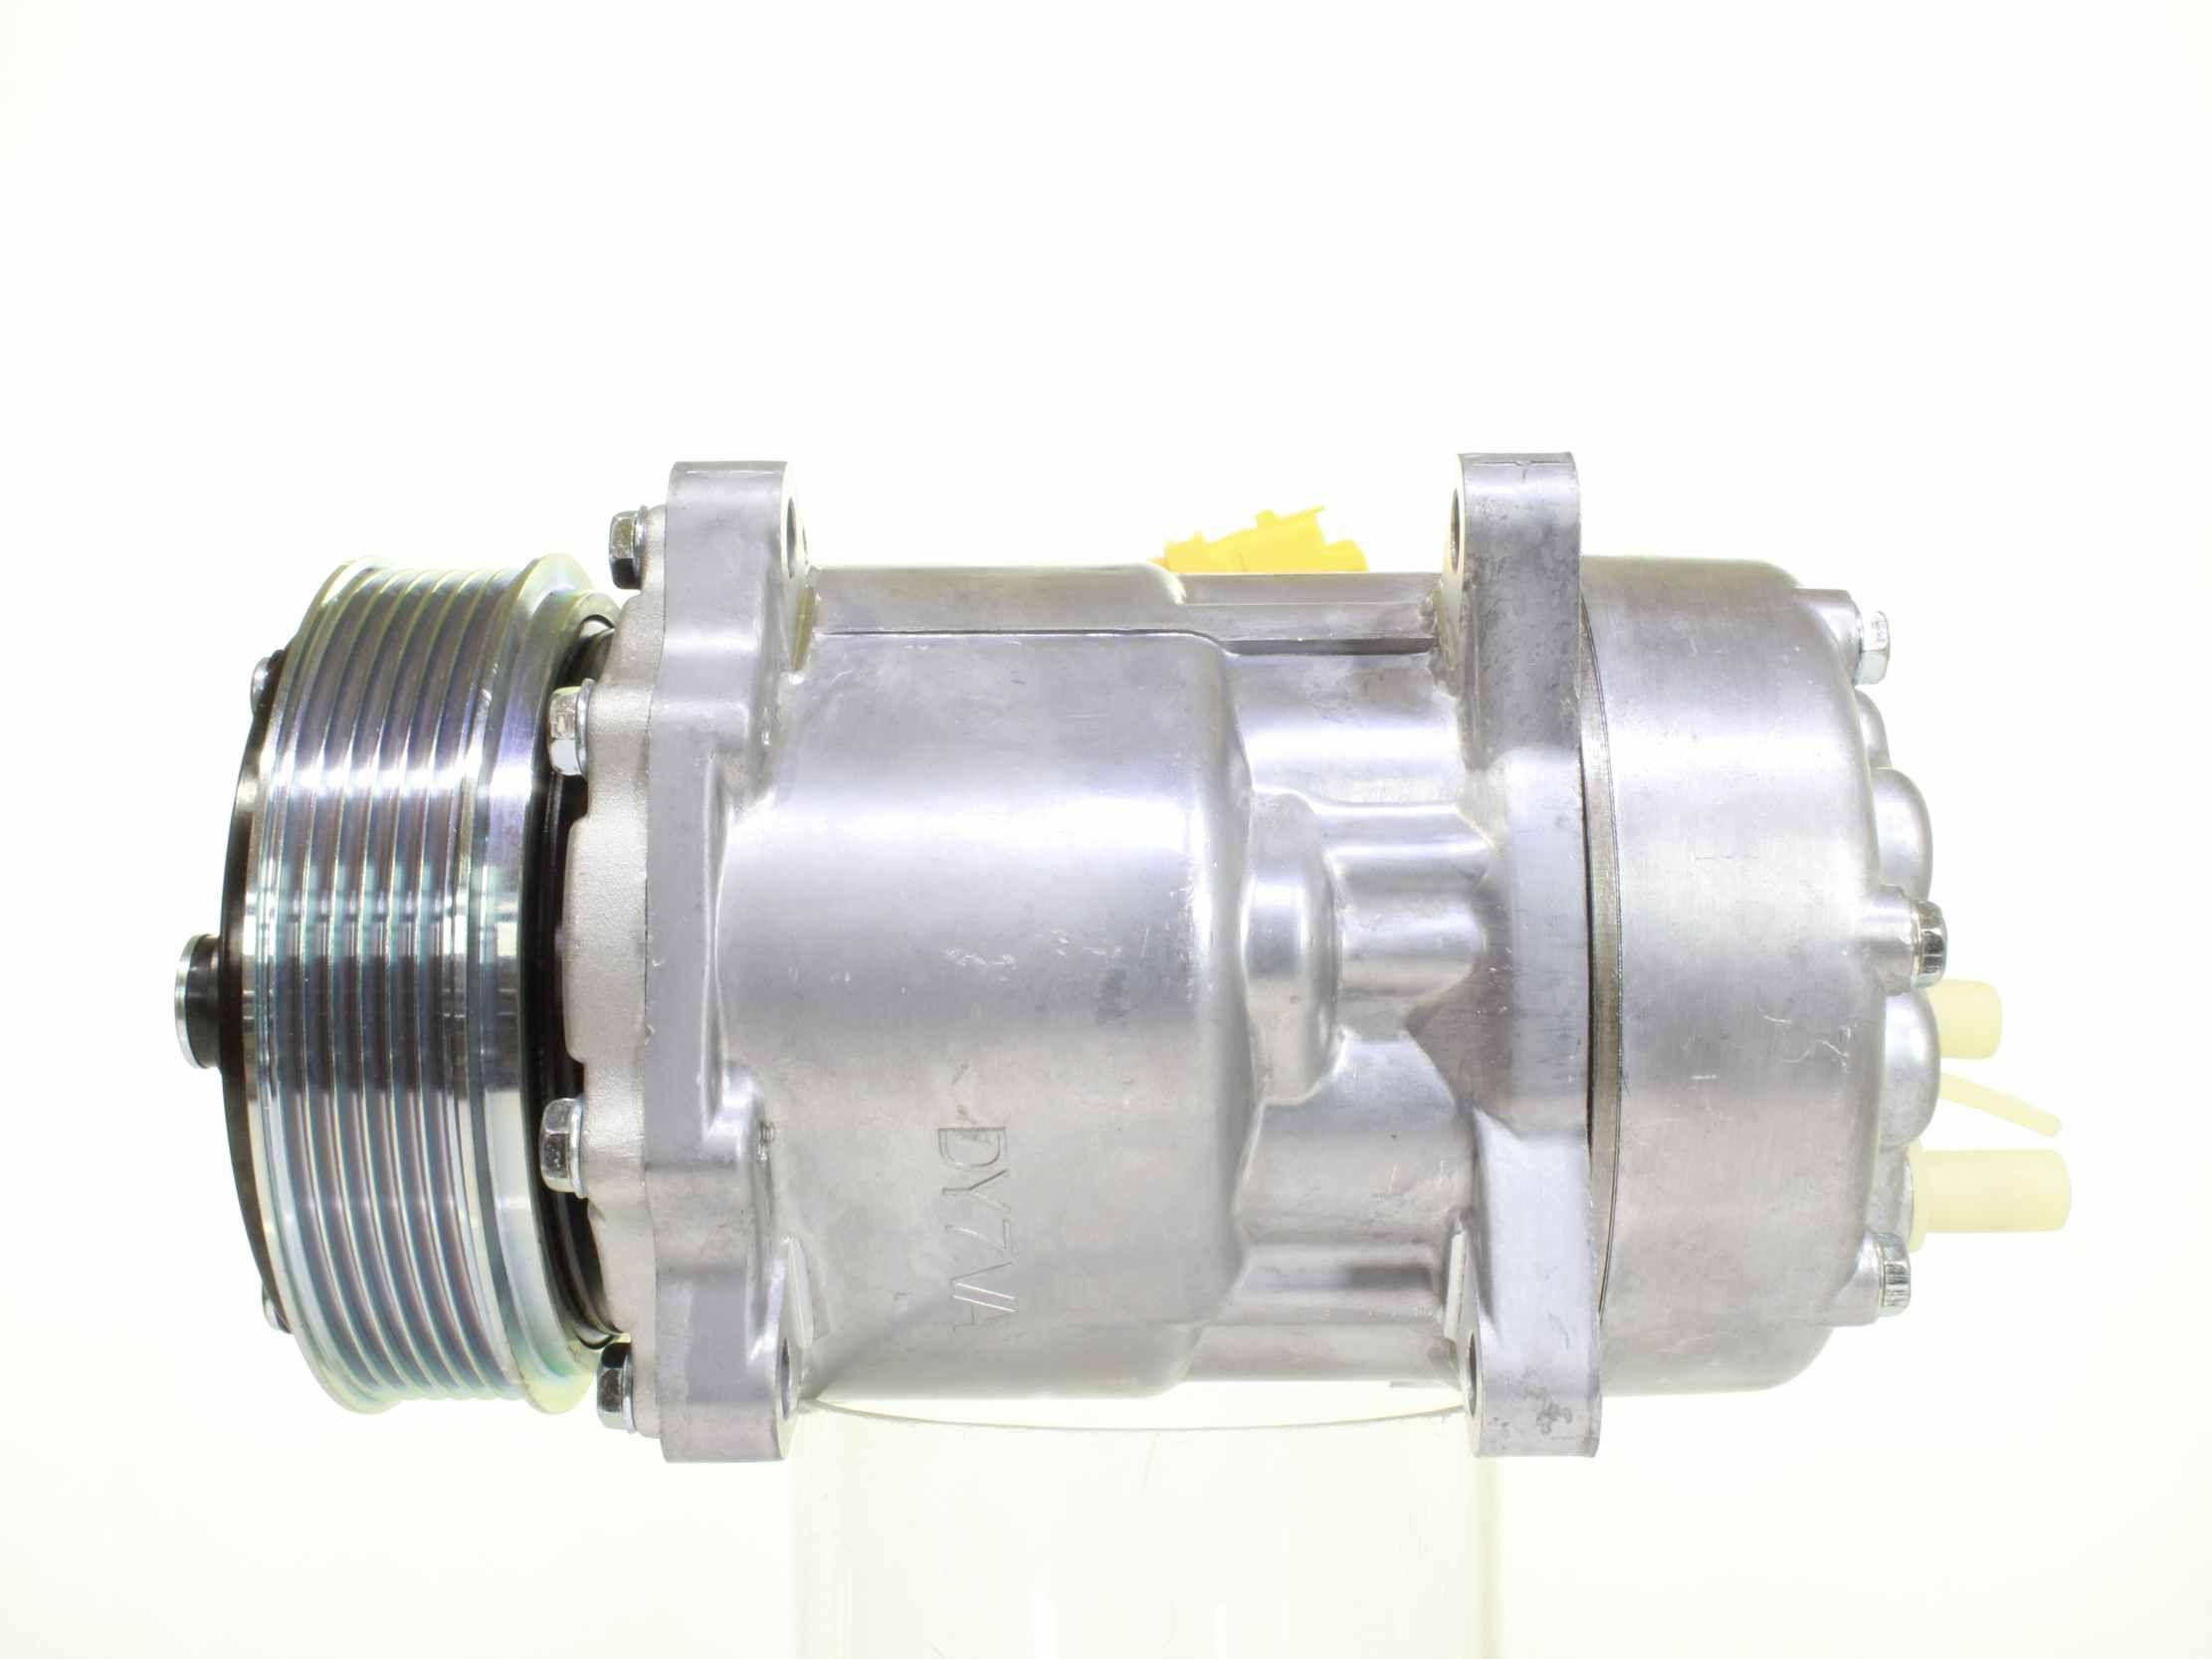 SD7V16 ALANKO PAG 46, Kältemittel: R 134a Riemenscheiben-Ø: 120mm Klimakompressor 10550401 günstig kaufen